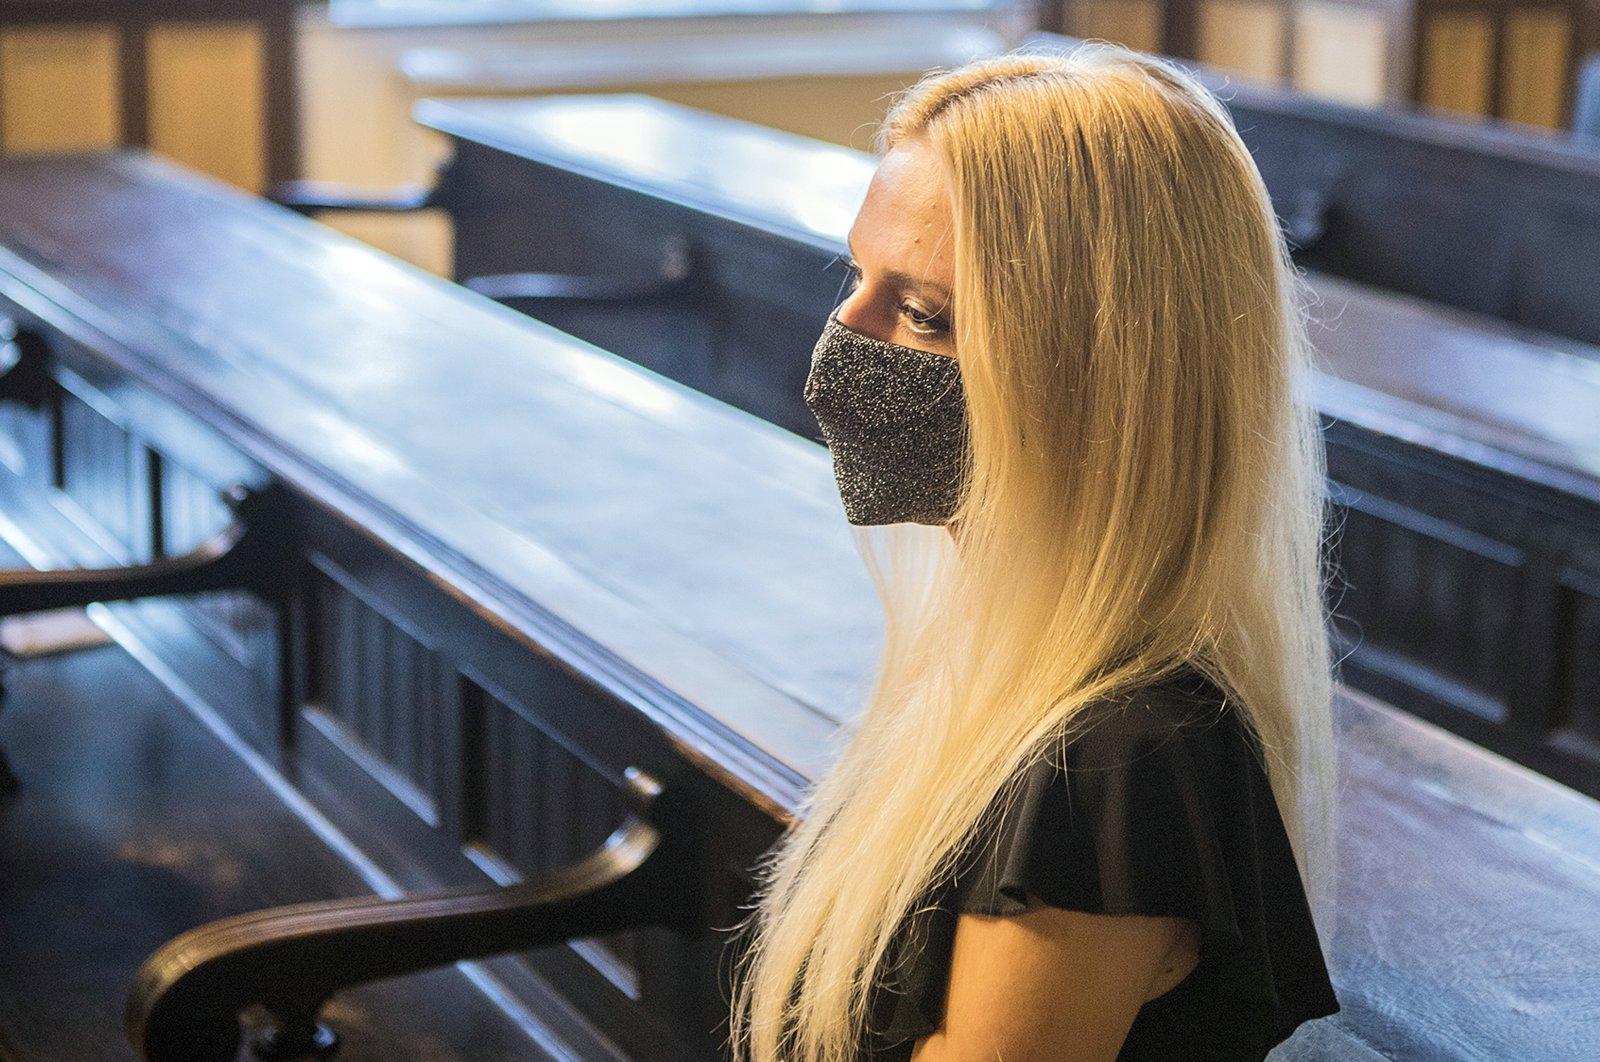 Julija Adlesic appears in at court in Ljubljana, Slovenia, Friday, Sept. 11, 2020. (AP Photo)